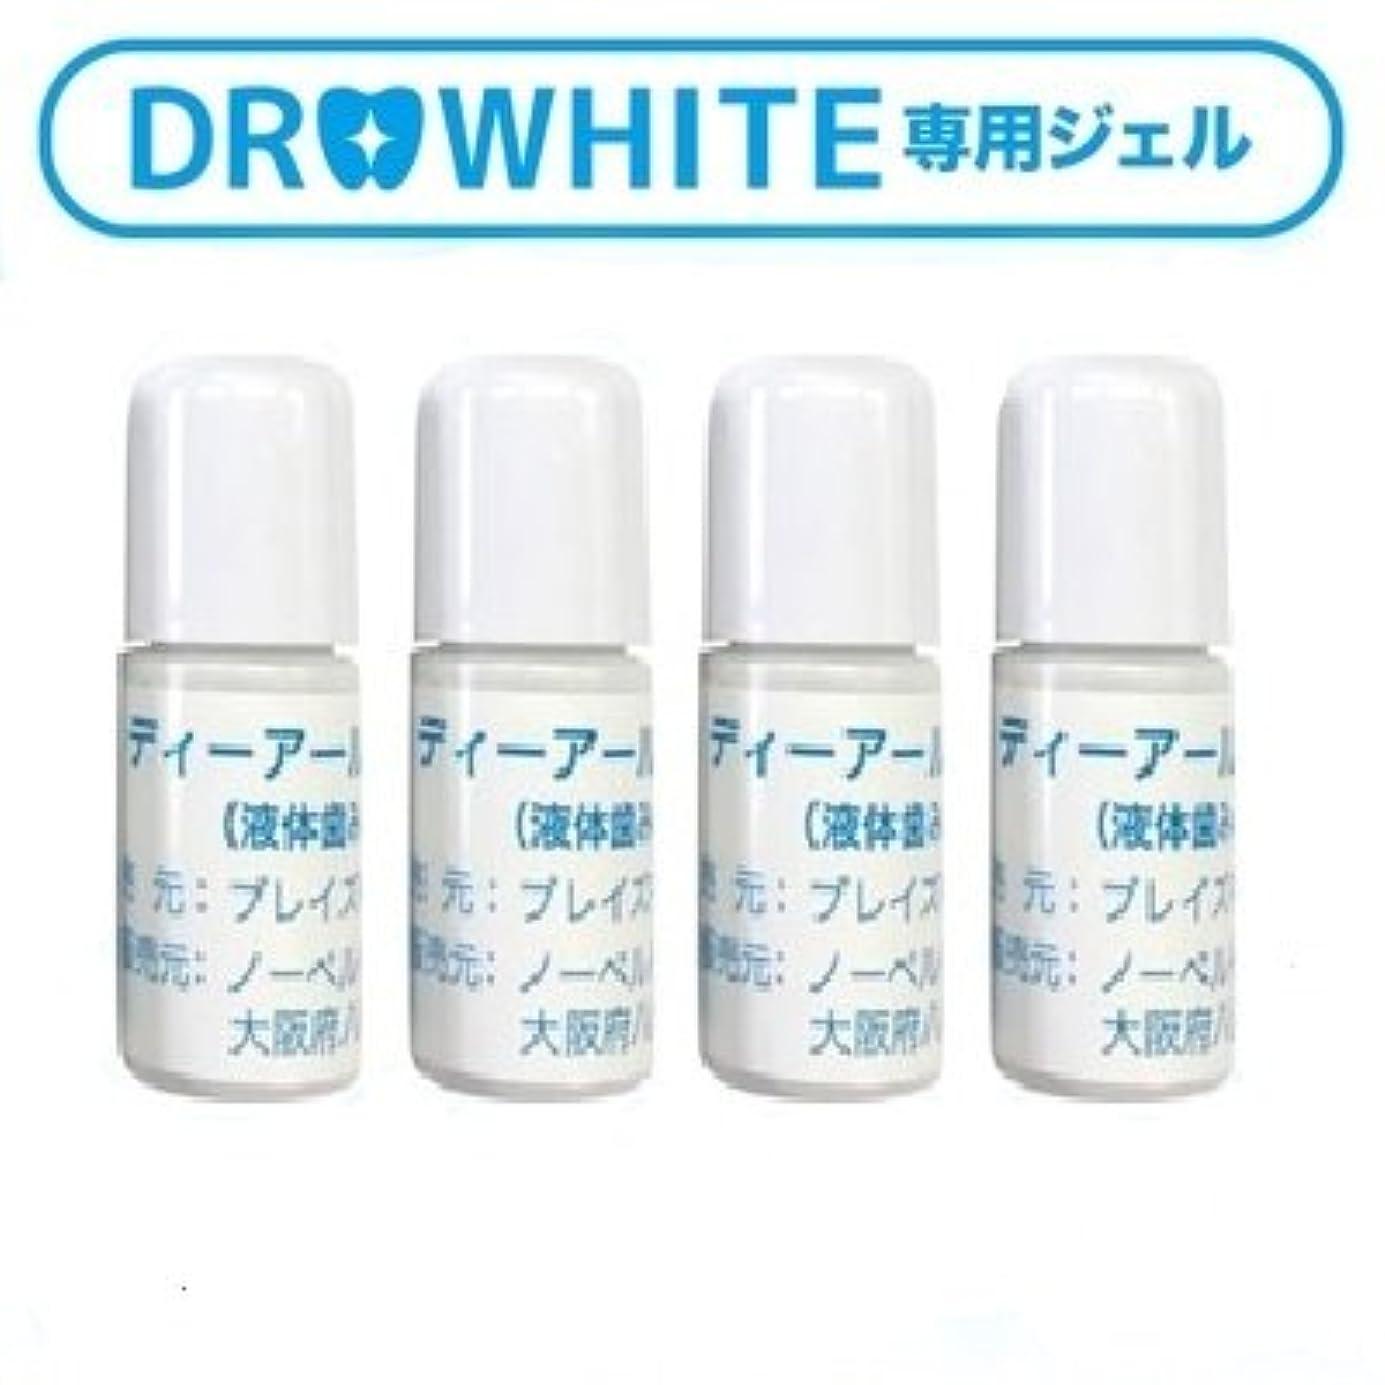 ダルセットジャンプする統計DR.WHITE(ドクターホワイト)用 液体歯みがき4本